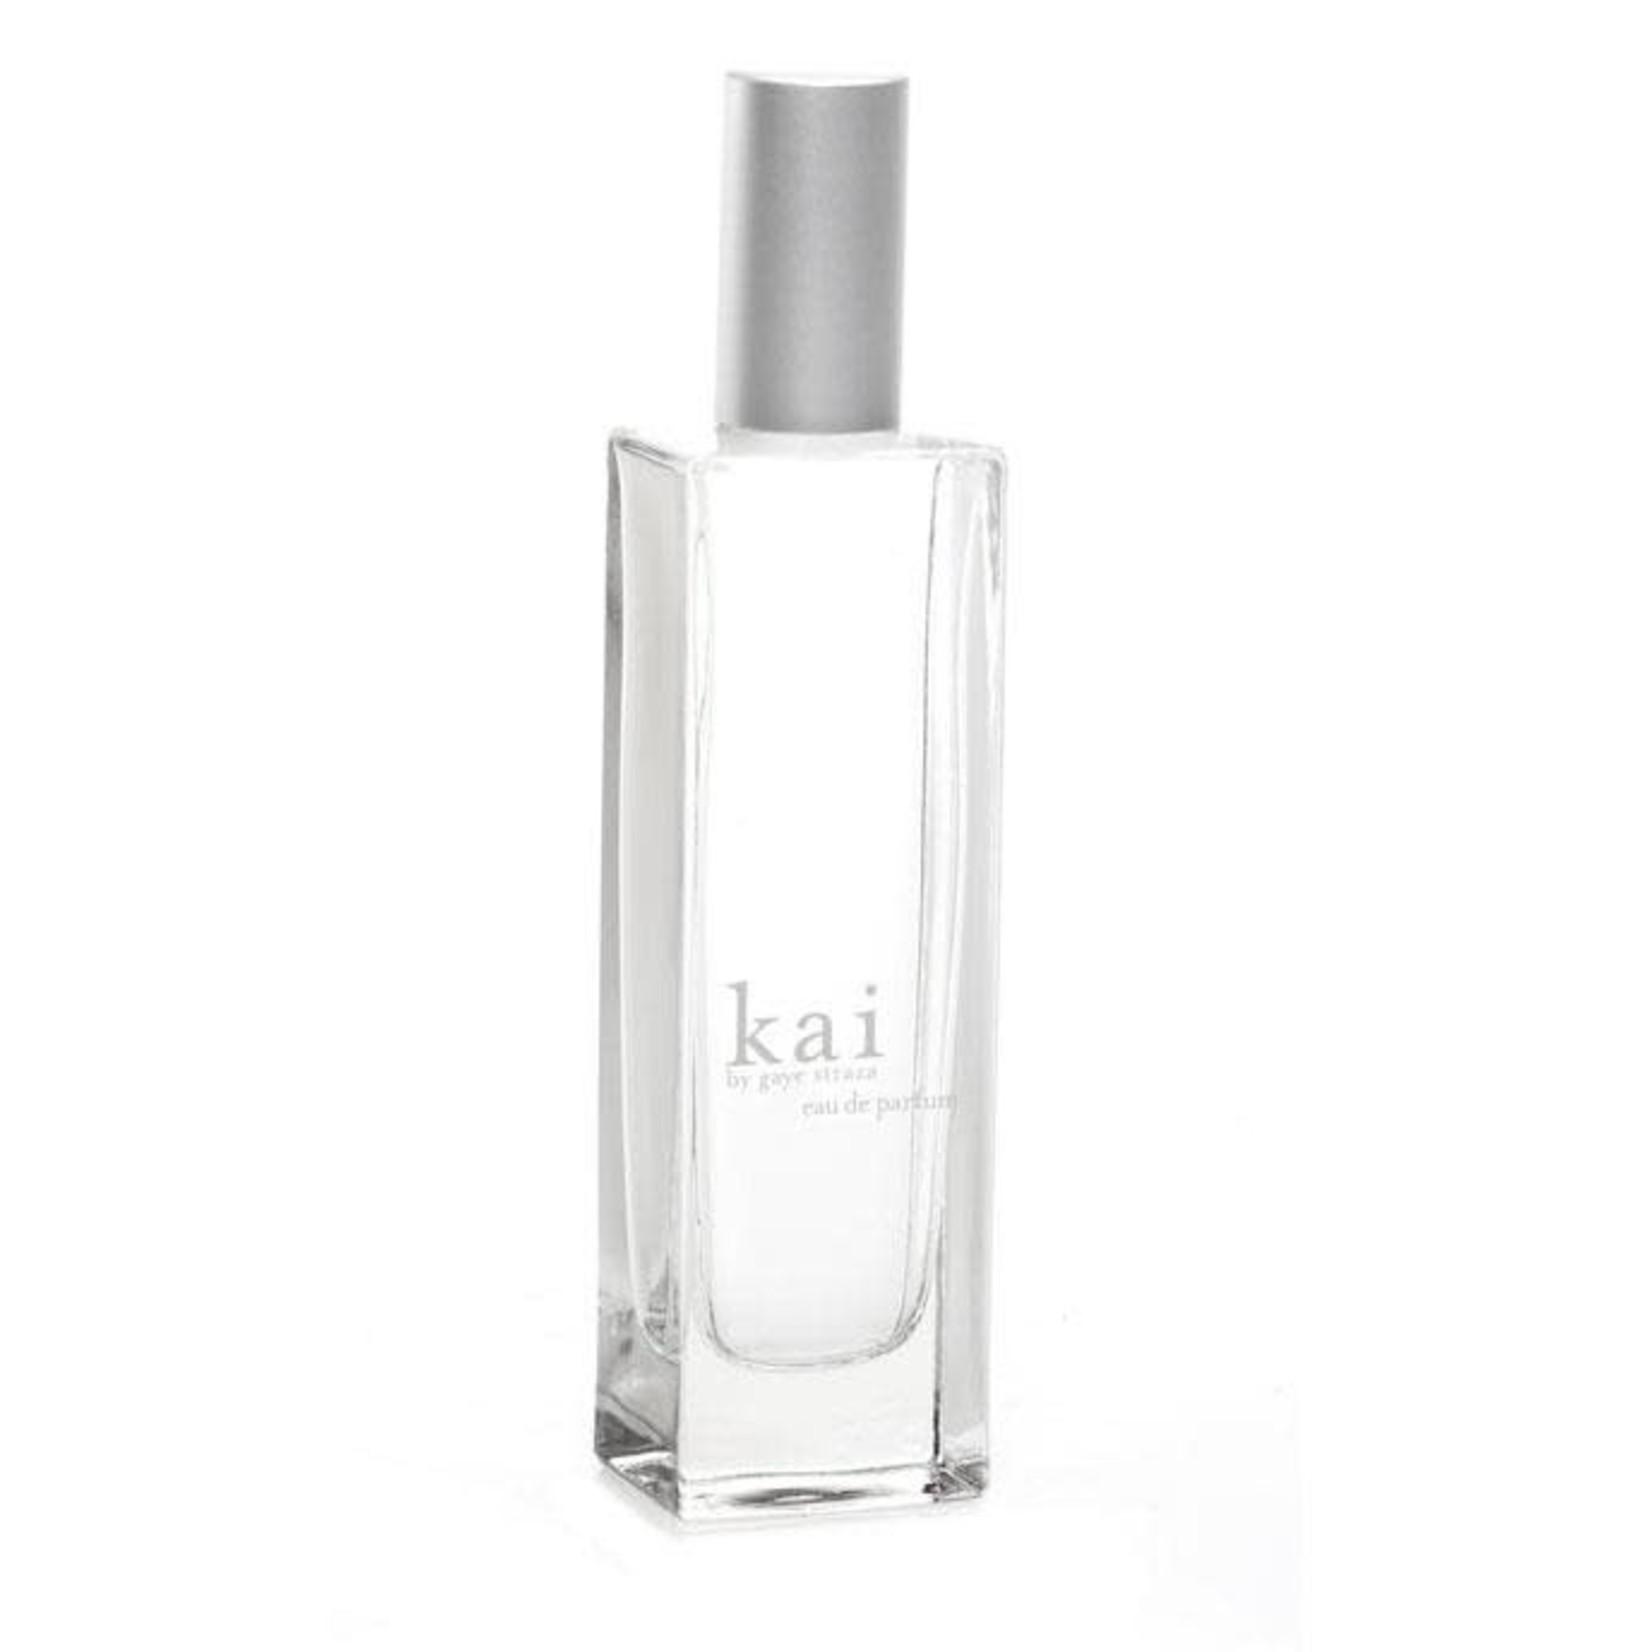 Kai Eau De Parfum 1.7oz